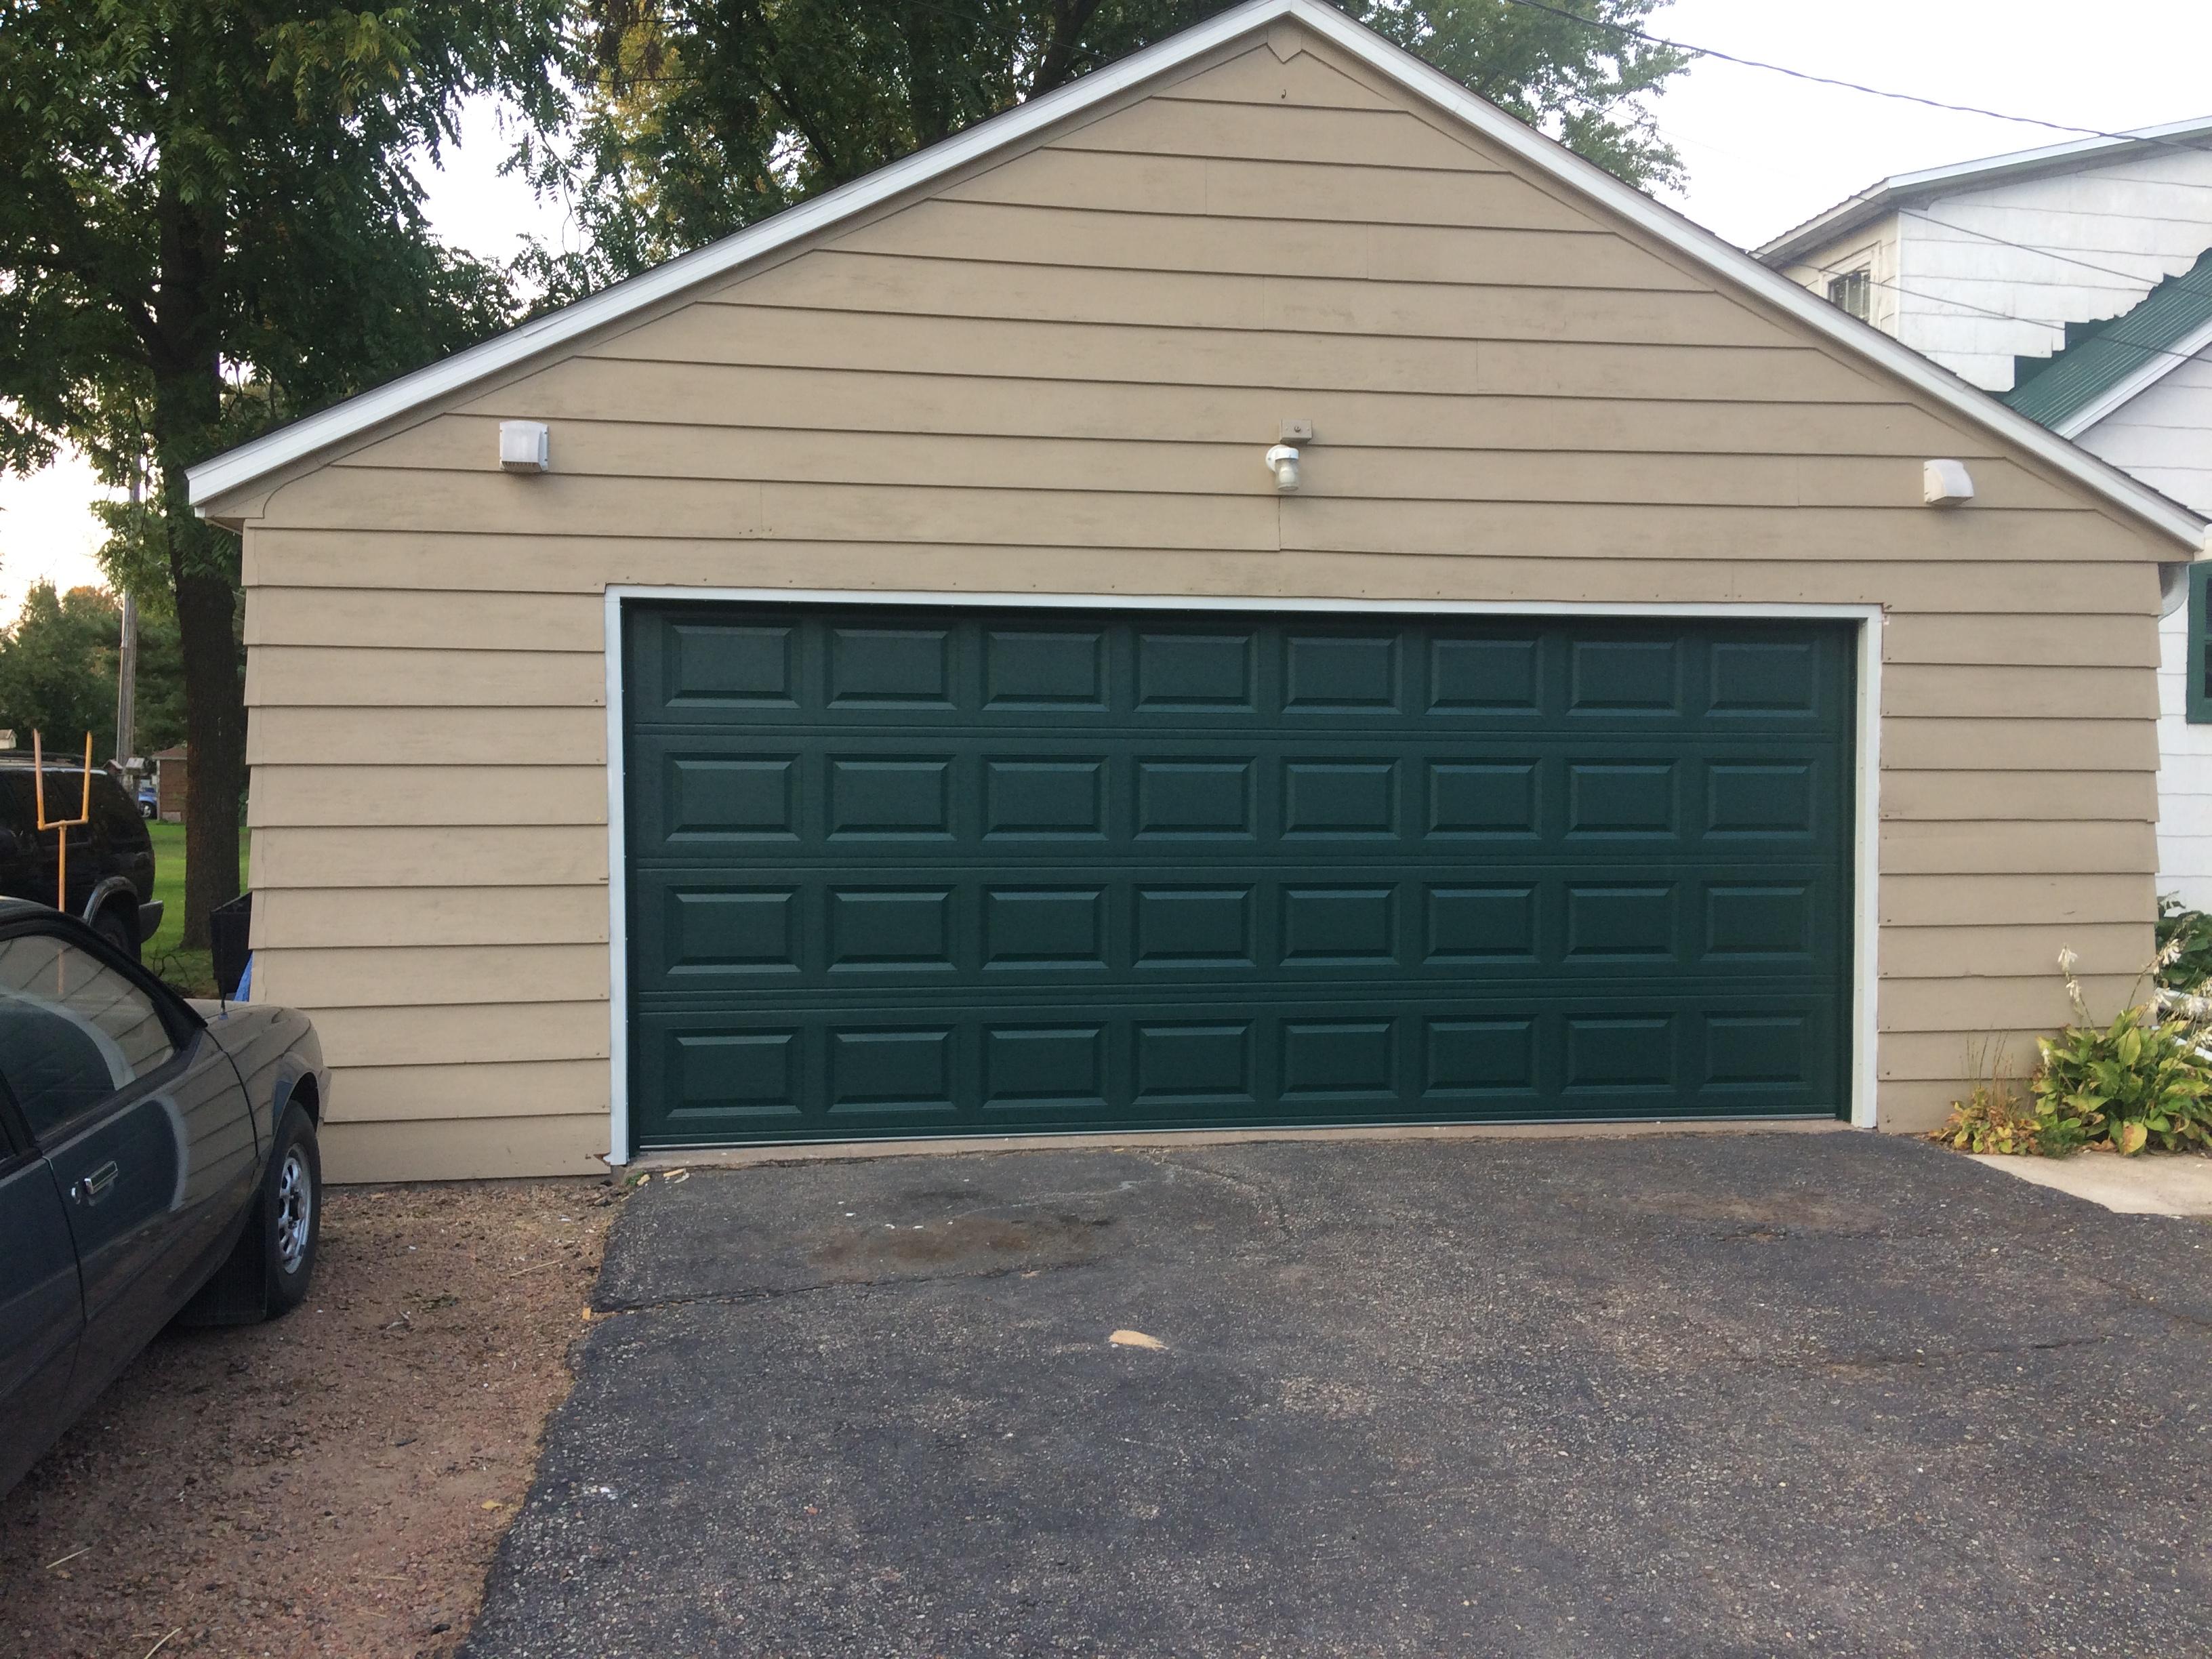 repair door garage depositphotos original doors indianapolis options of old vs for replacement